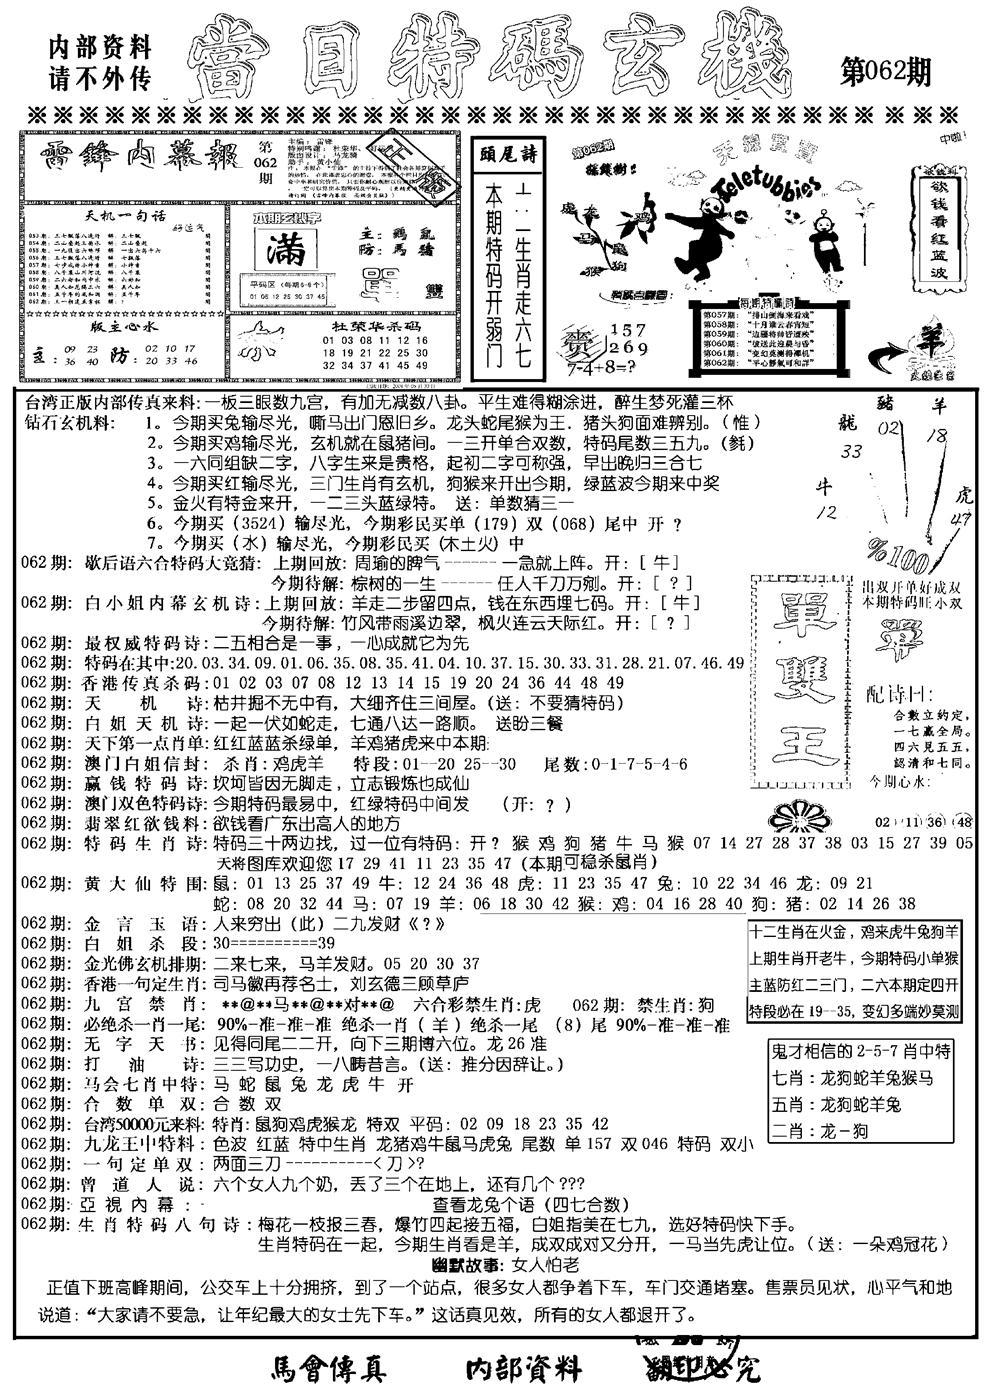 062期当日特码玄机A(新)(黑白)